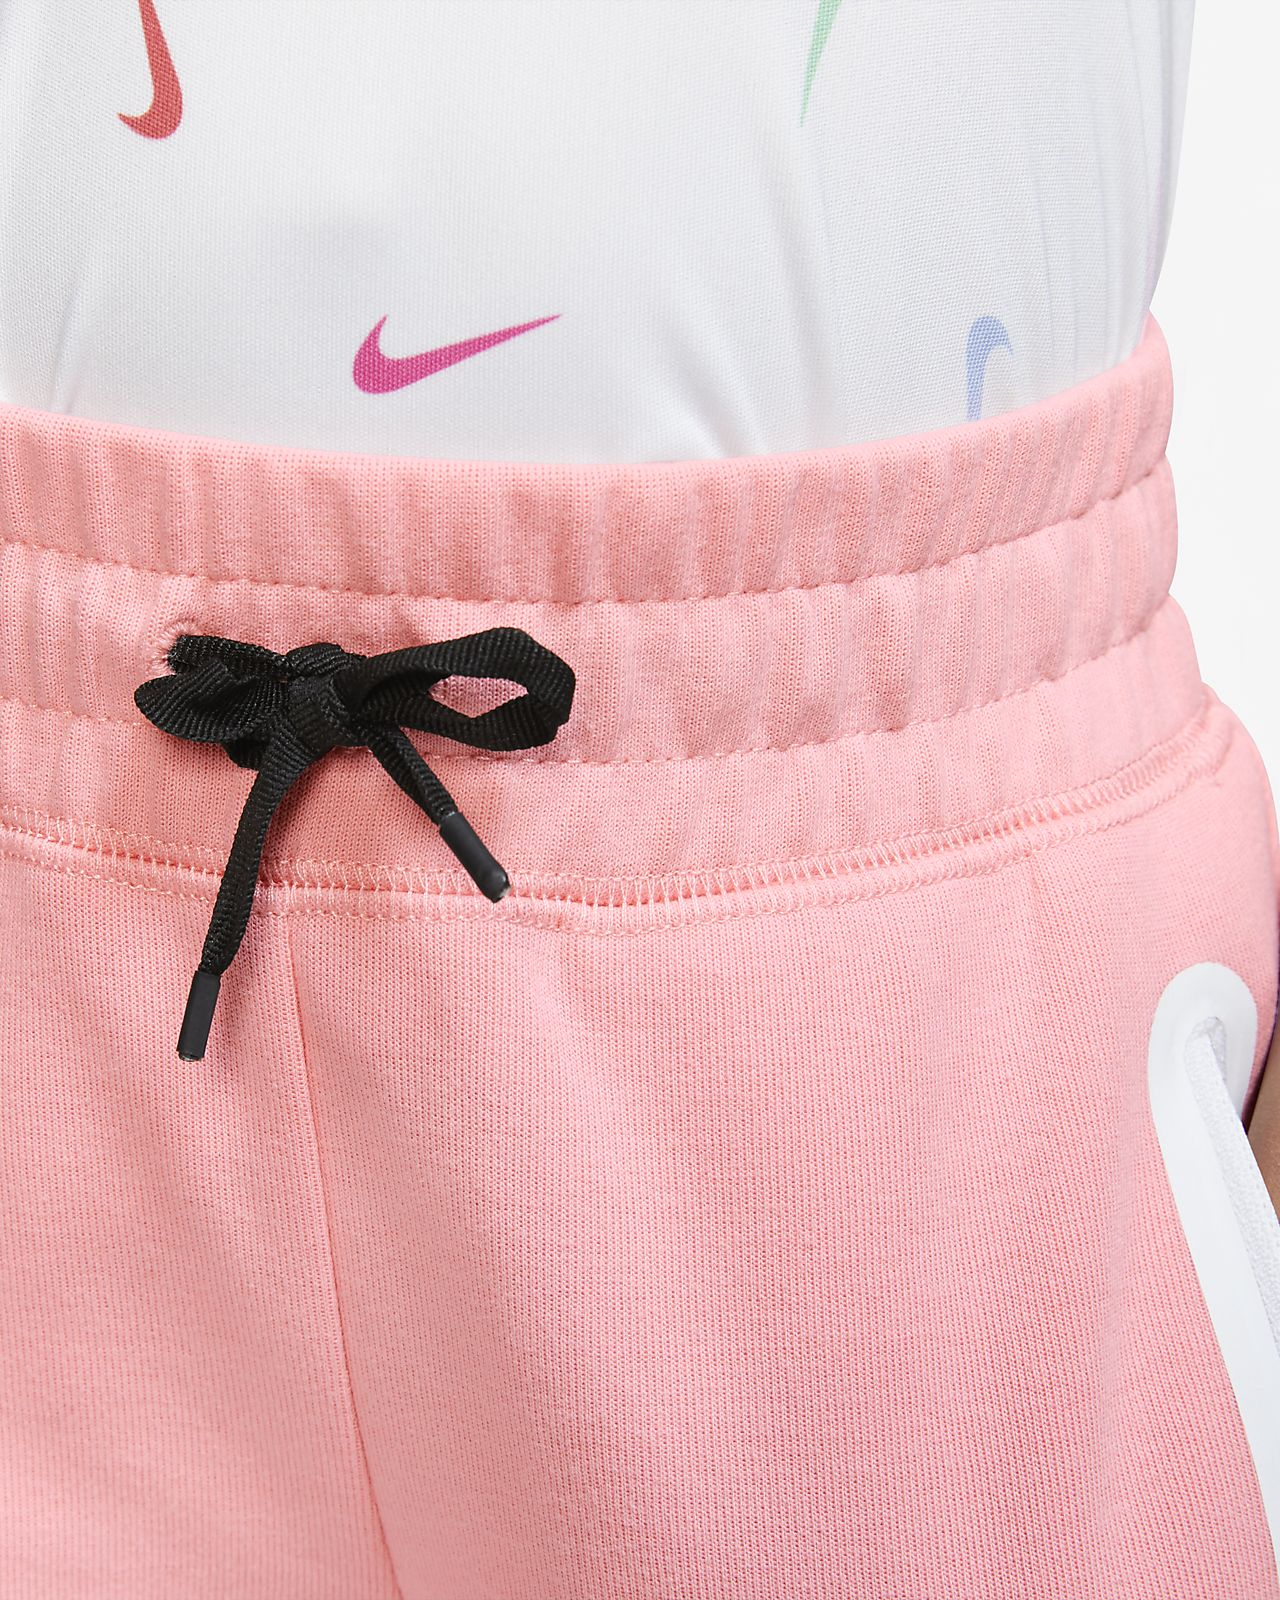 Nike Sportswear Tech Fleece Little Kids' (Girls') Pants 6X